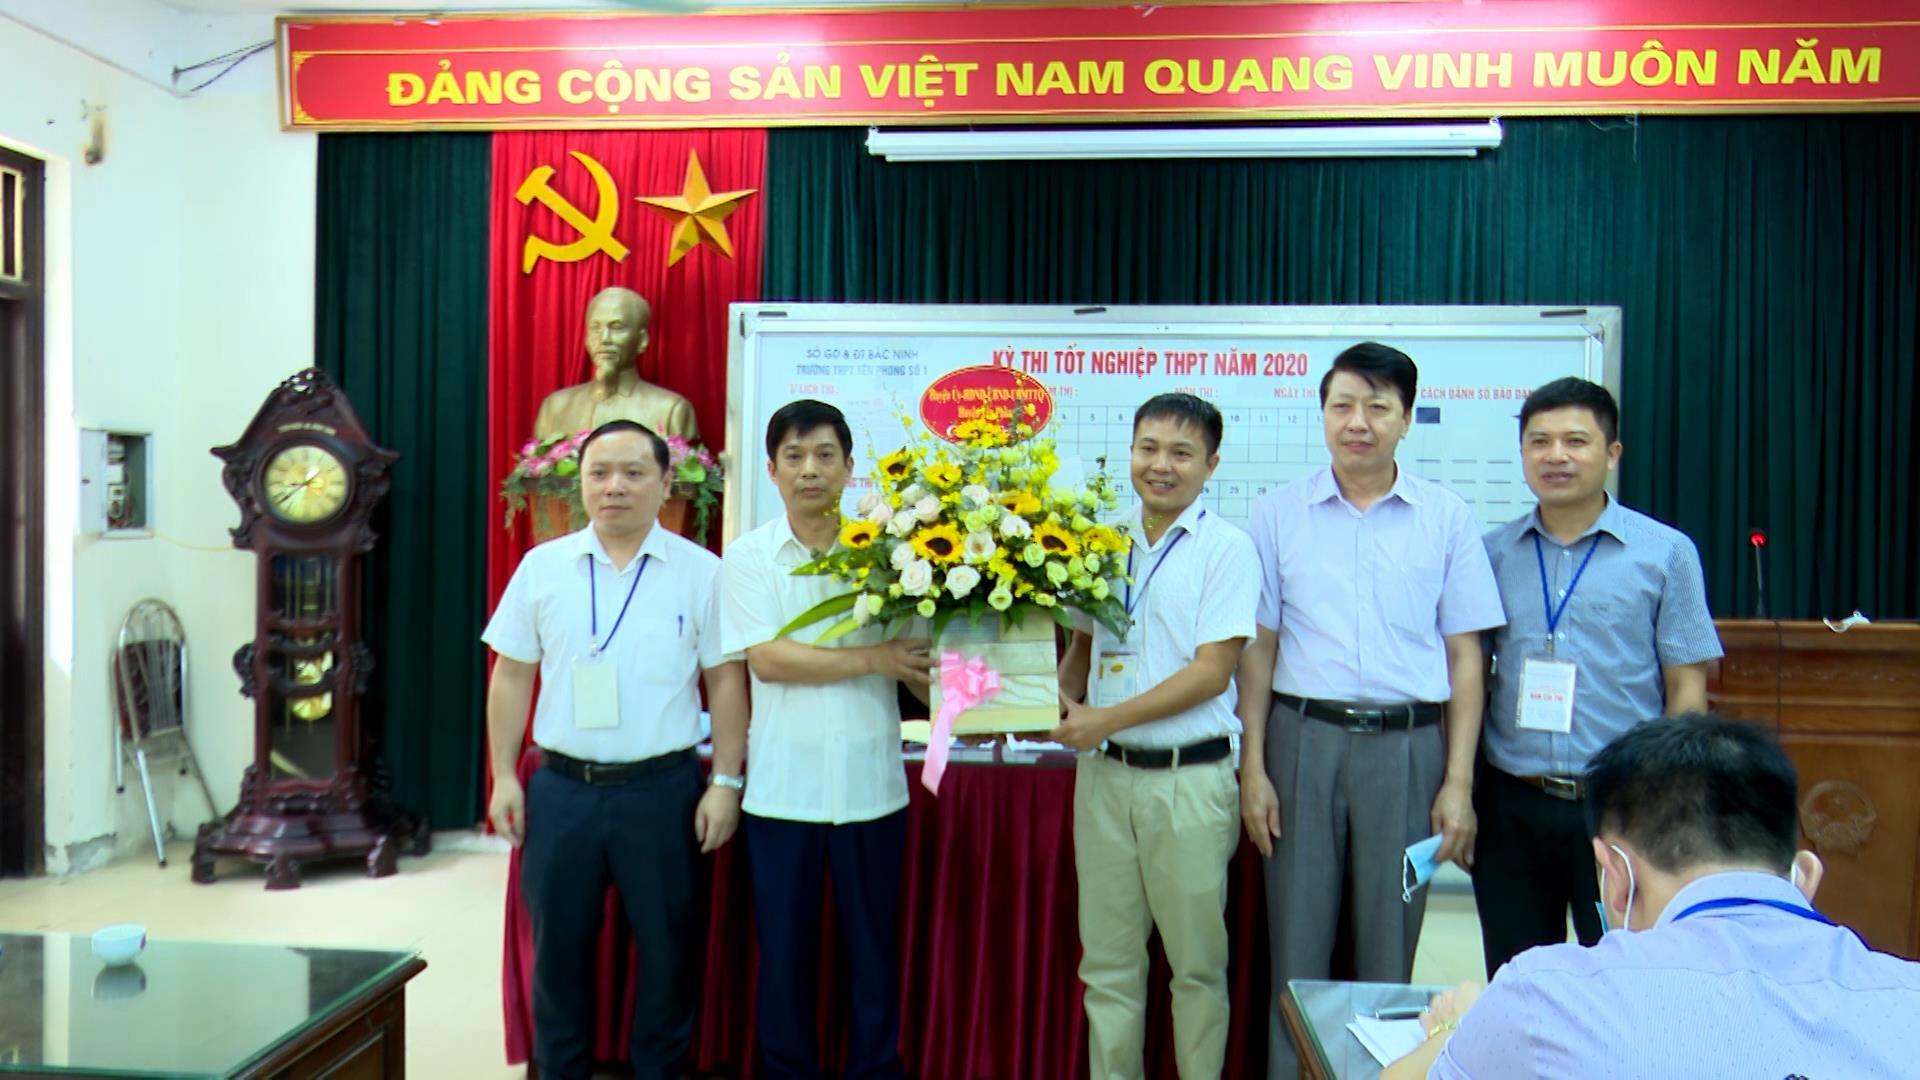 Lãnh đạo huyện Yên Phong kiểm tra, chúc mừng  các Hội đồng thi tốt nghiệp THPT trên địa bàn